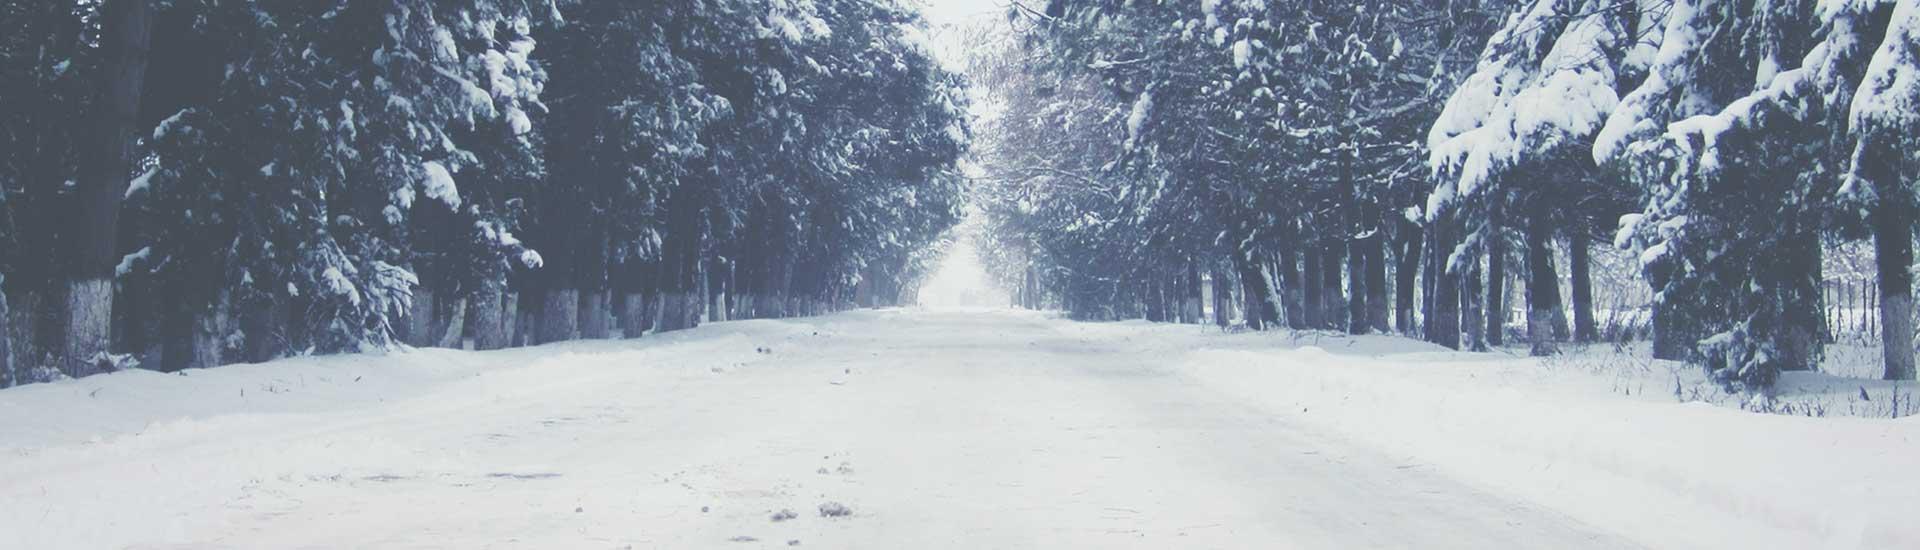 winterbg